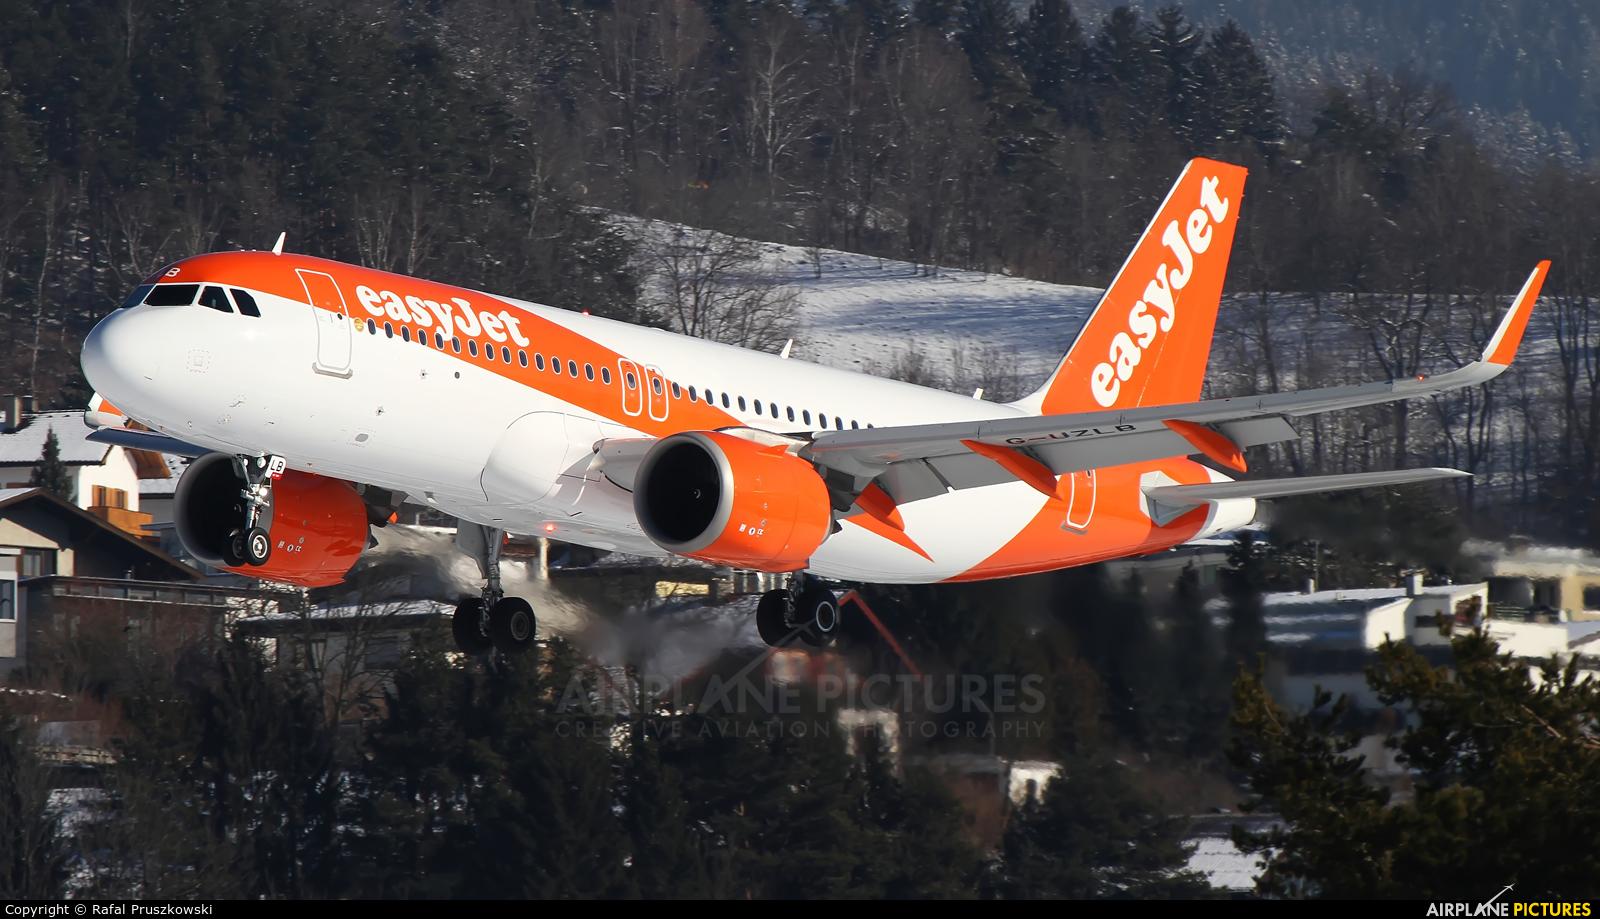 easyJet G-UZLB aircraft at Innsbruck